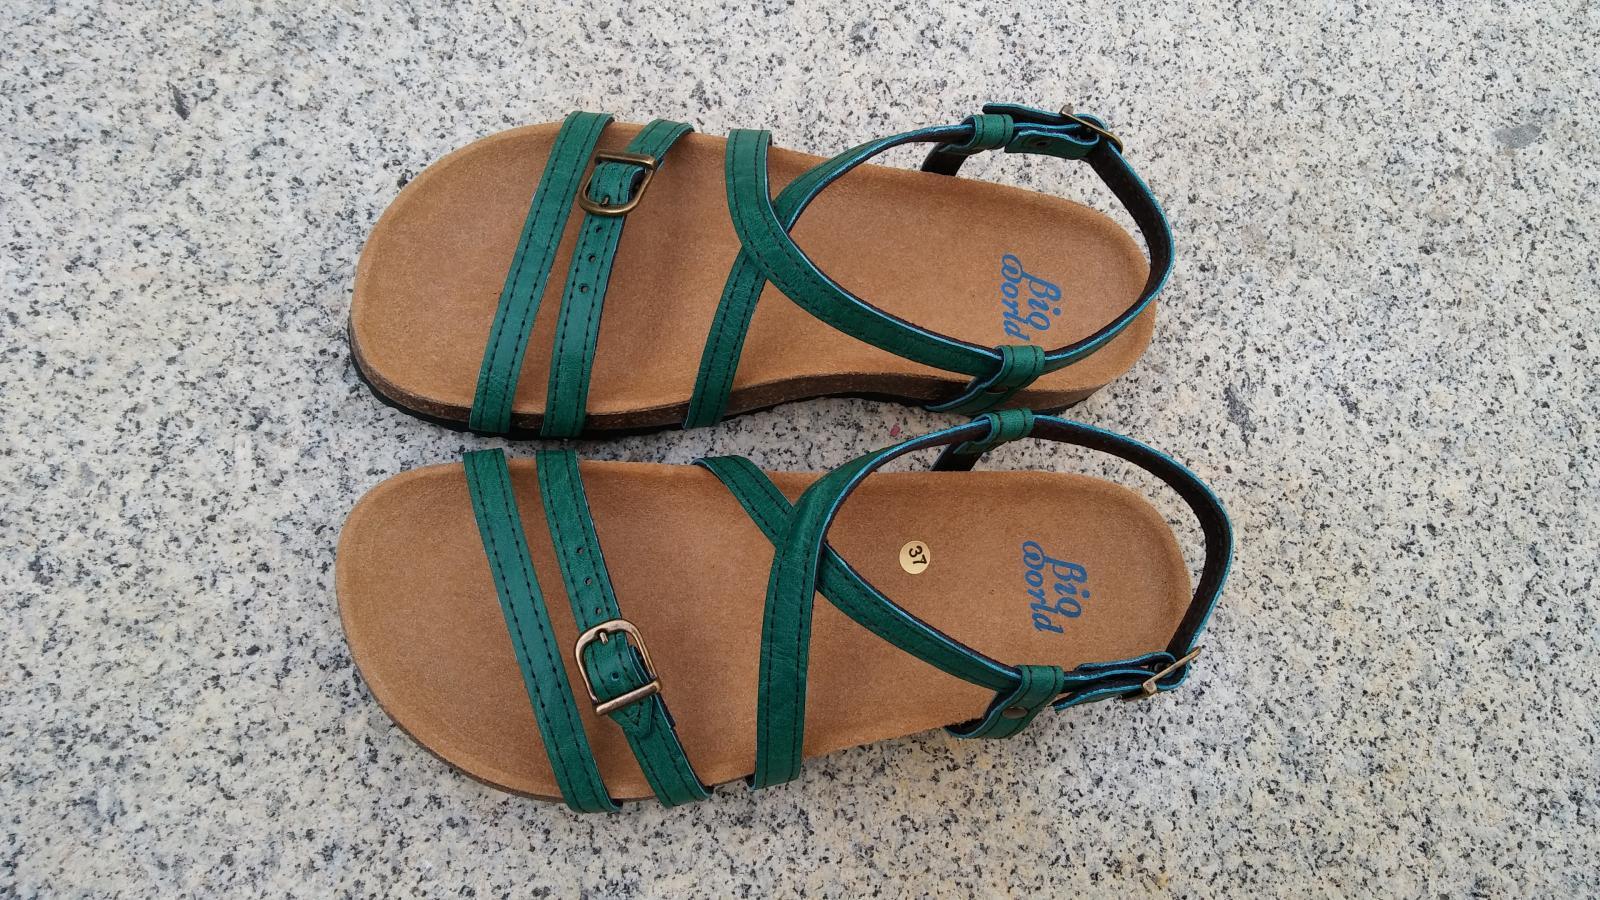 JARDIN VERDE, sandalias veganas, sandalias veganas mujer, calzado vegano, sandalias de tacón bajo, sandalias bioworld, vegan shoes.